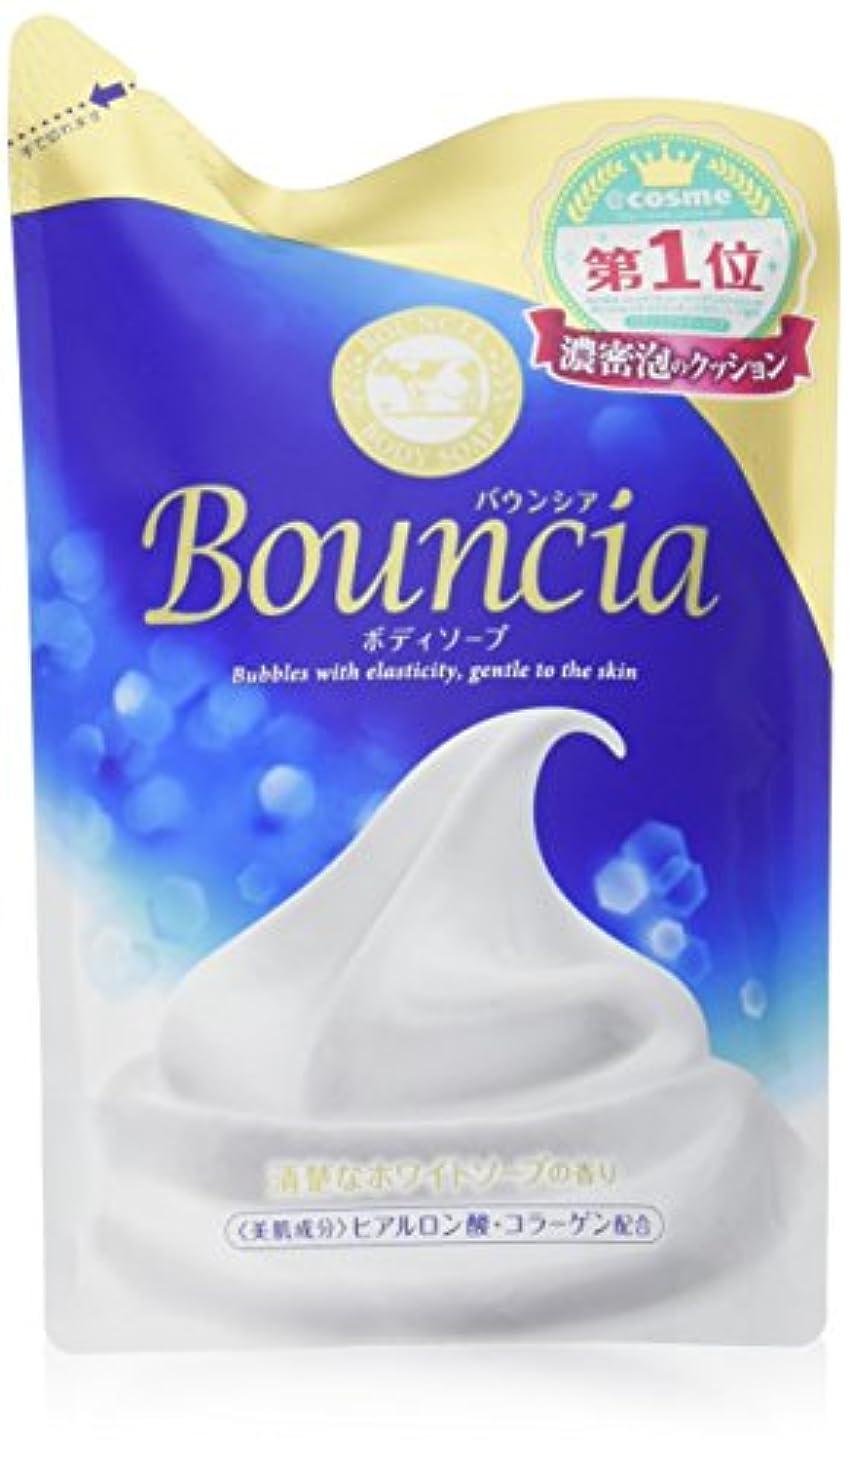 天国管理するつかの間牛乳石鹸 バウンシア ボディソープ 詰め替え用 430ml 【4個セット】